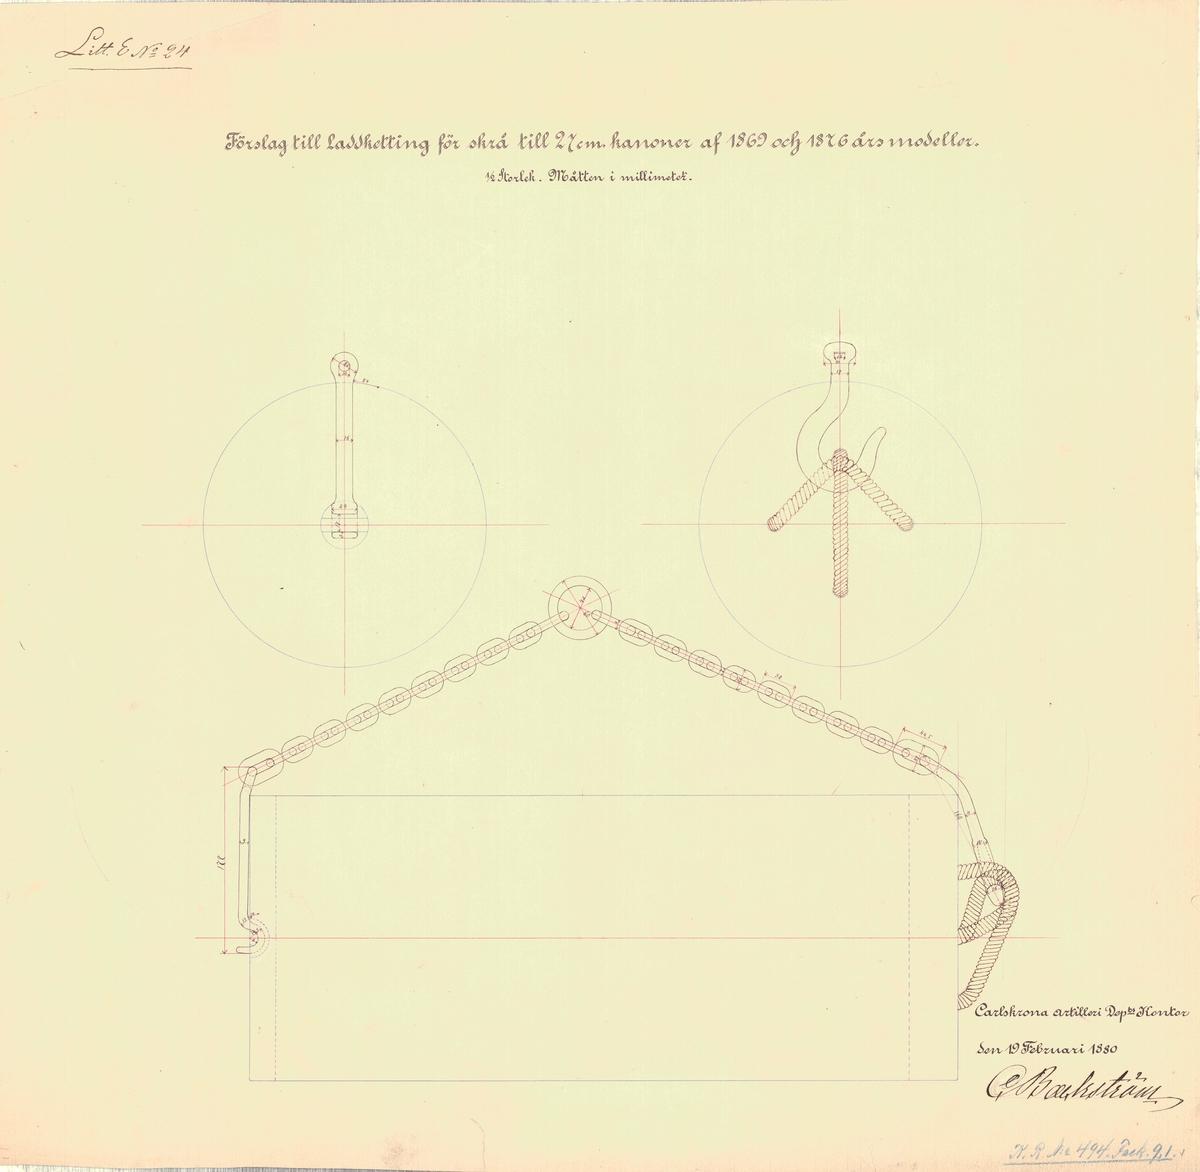 Ritning till laddkätting för skrå till 27 cm kanoner av 1869 års modeller